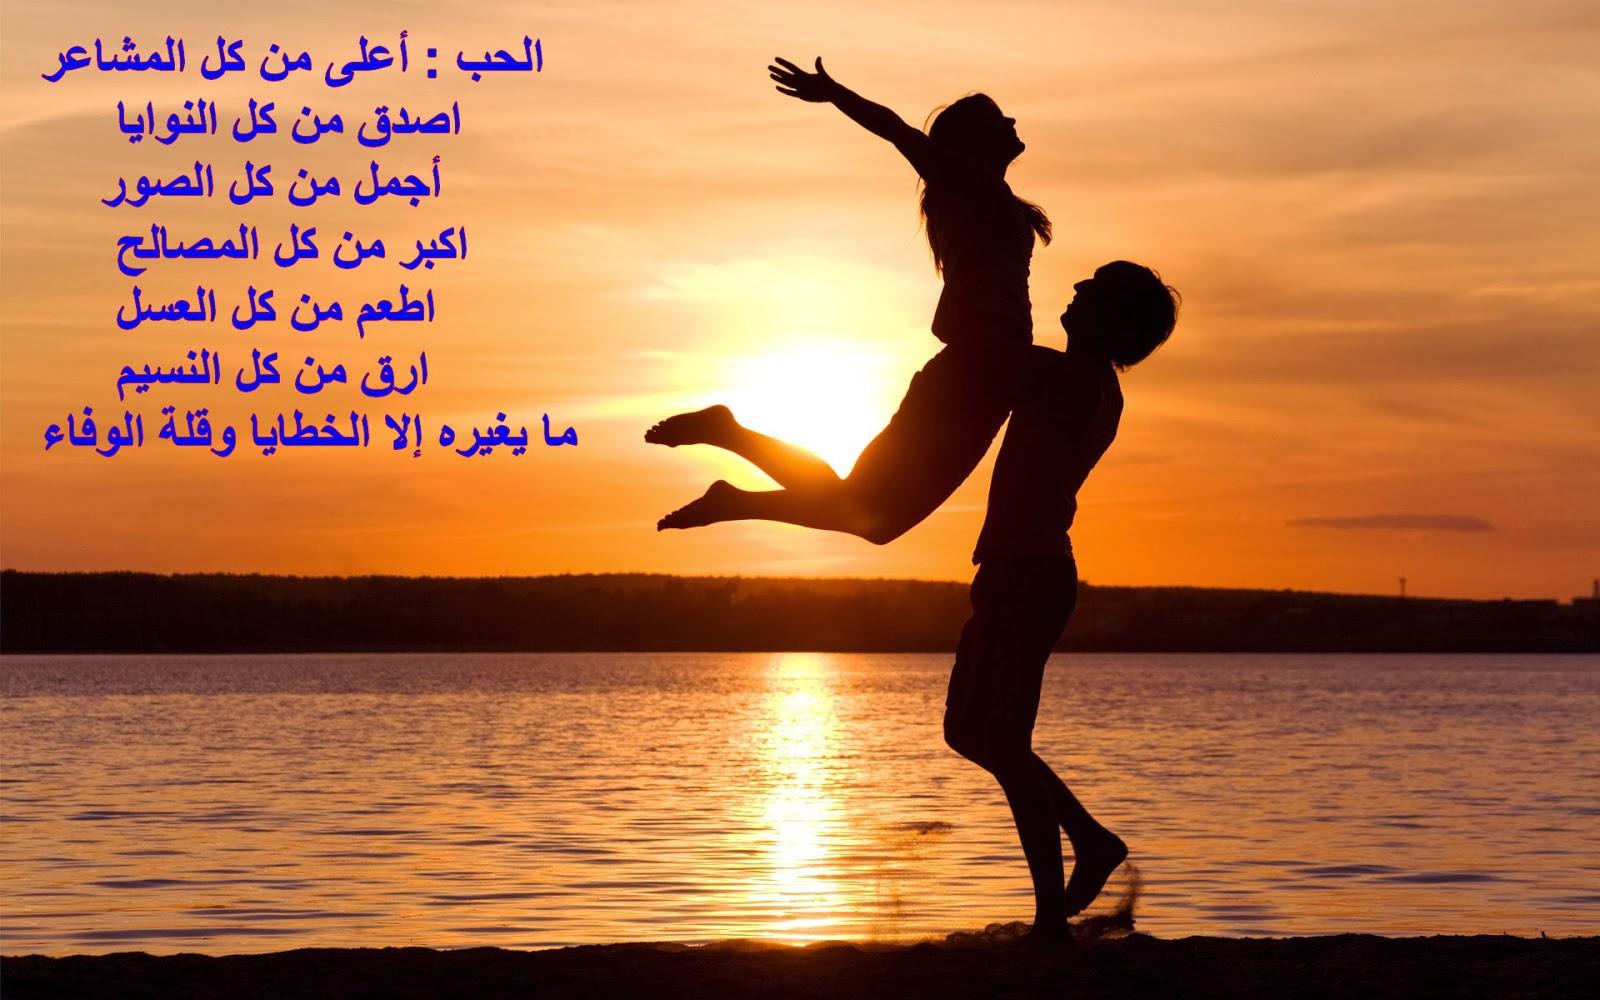 بالصور كلام عن الحب والرومانسيه , احلى عبارات الحب و الرومانسية 1580 5